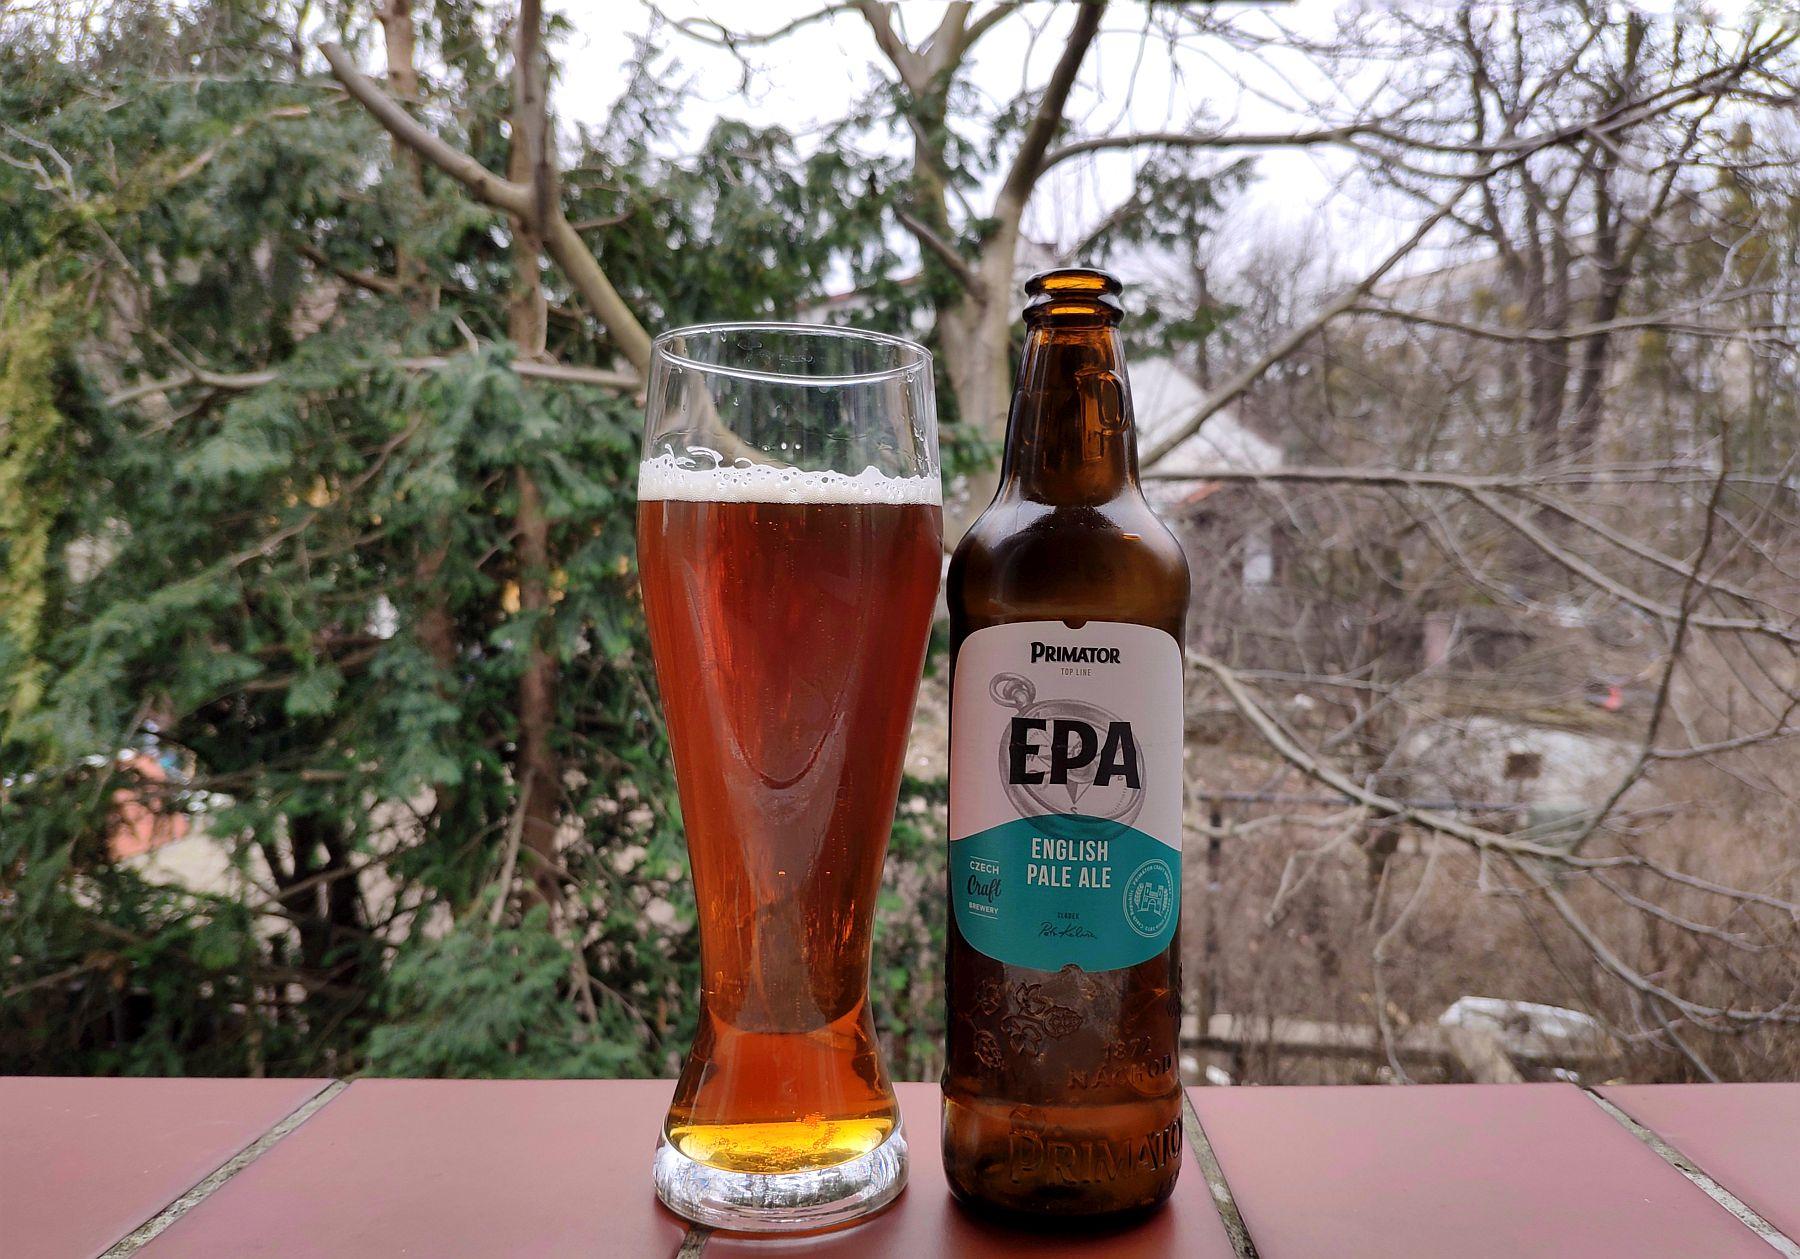 Primator EPA (English Pale Ale)